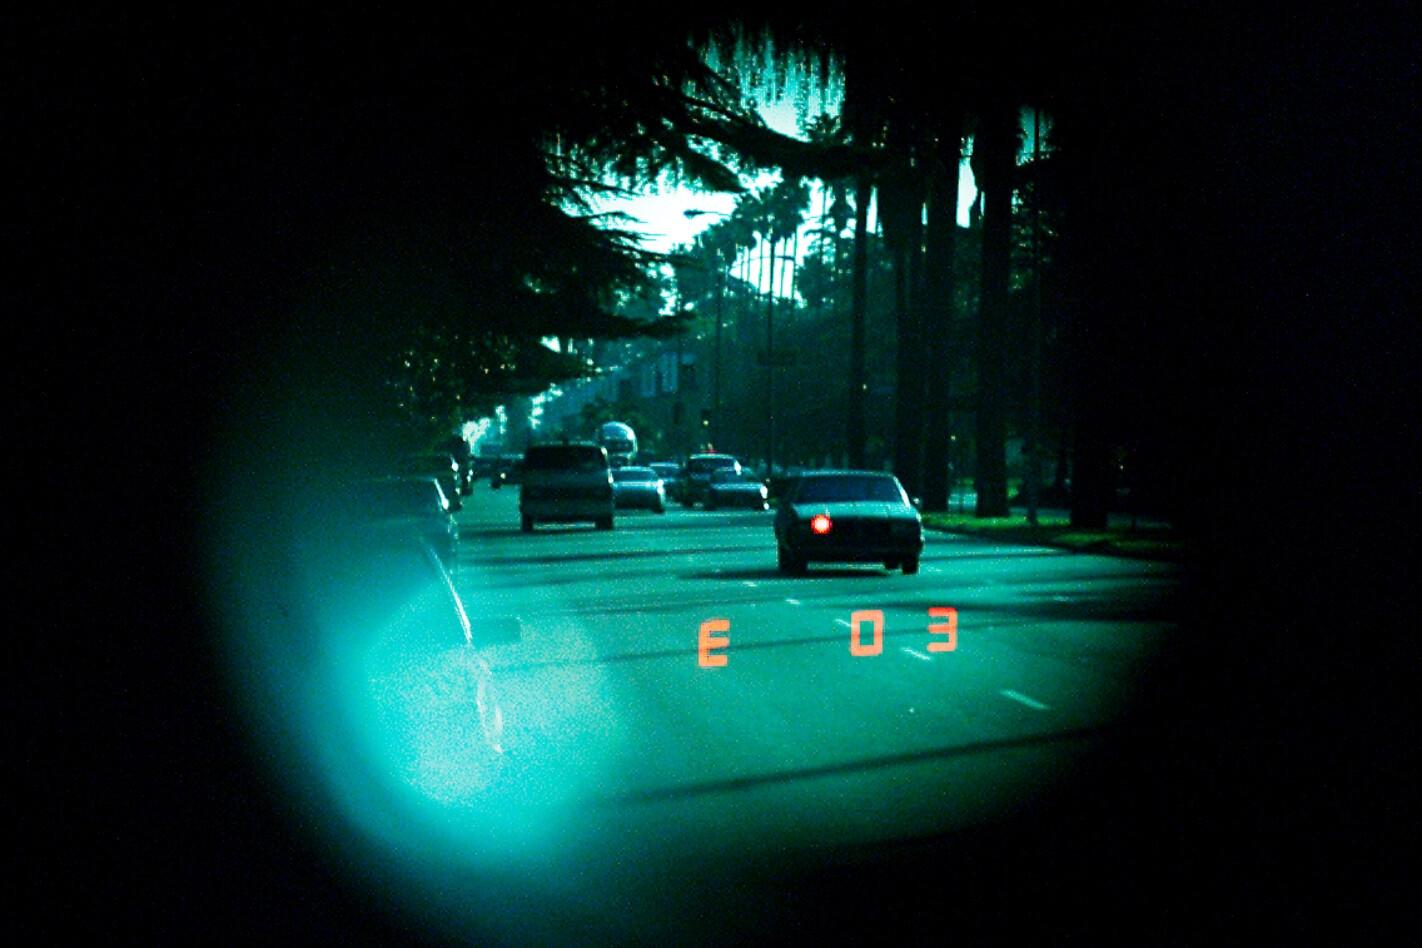 LIDAR viewfinder